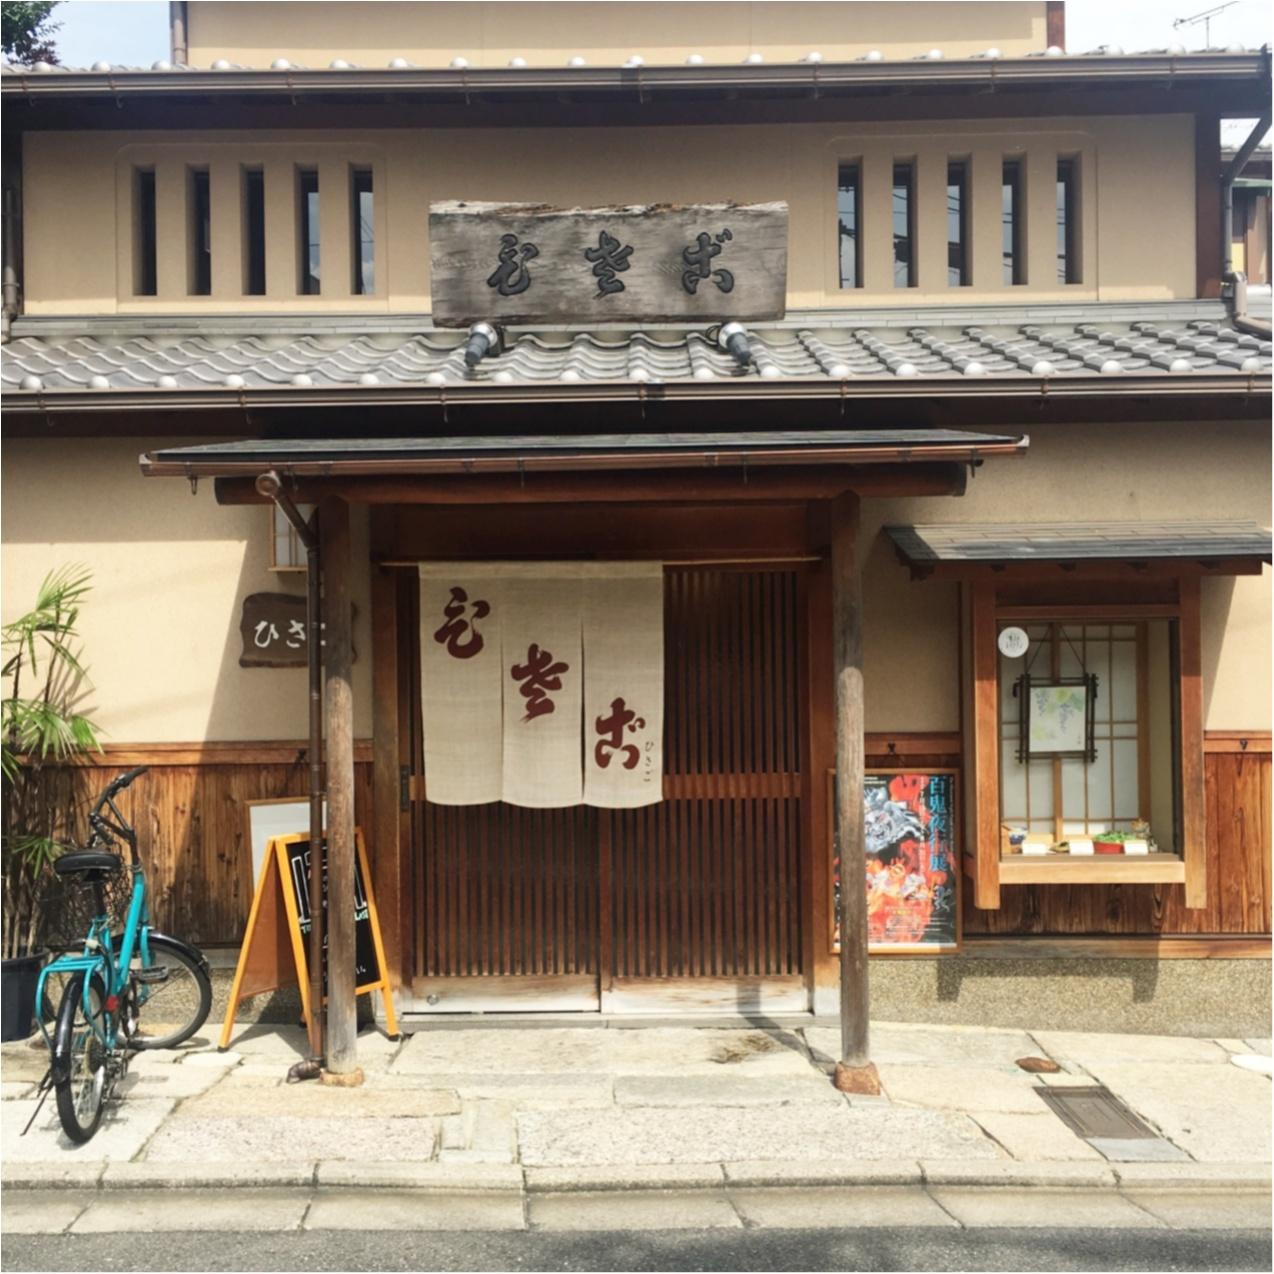 ふわトロっ♡ 絶対に食べたい!京都の老舗《 ひさご 》が作る、人気の親子丼♡♡_1